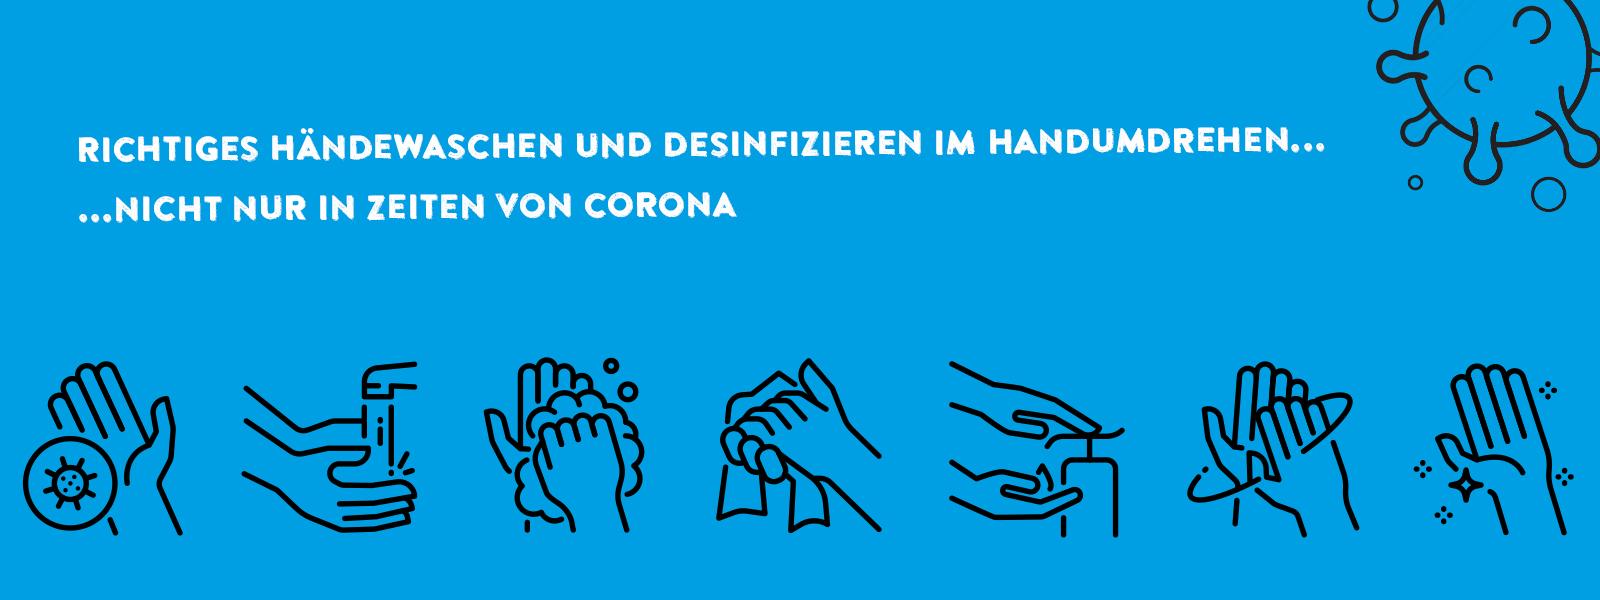 Handhygiene im Arbeitsschutz: Richtiges Händewaschen und Desinfizieren im Handumdrehen